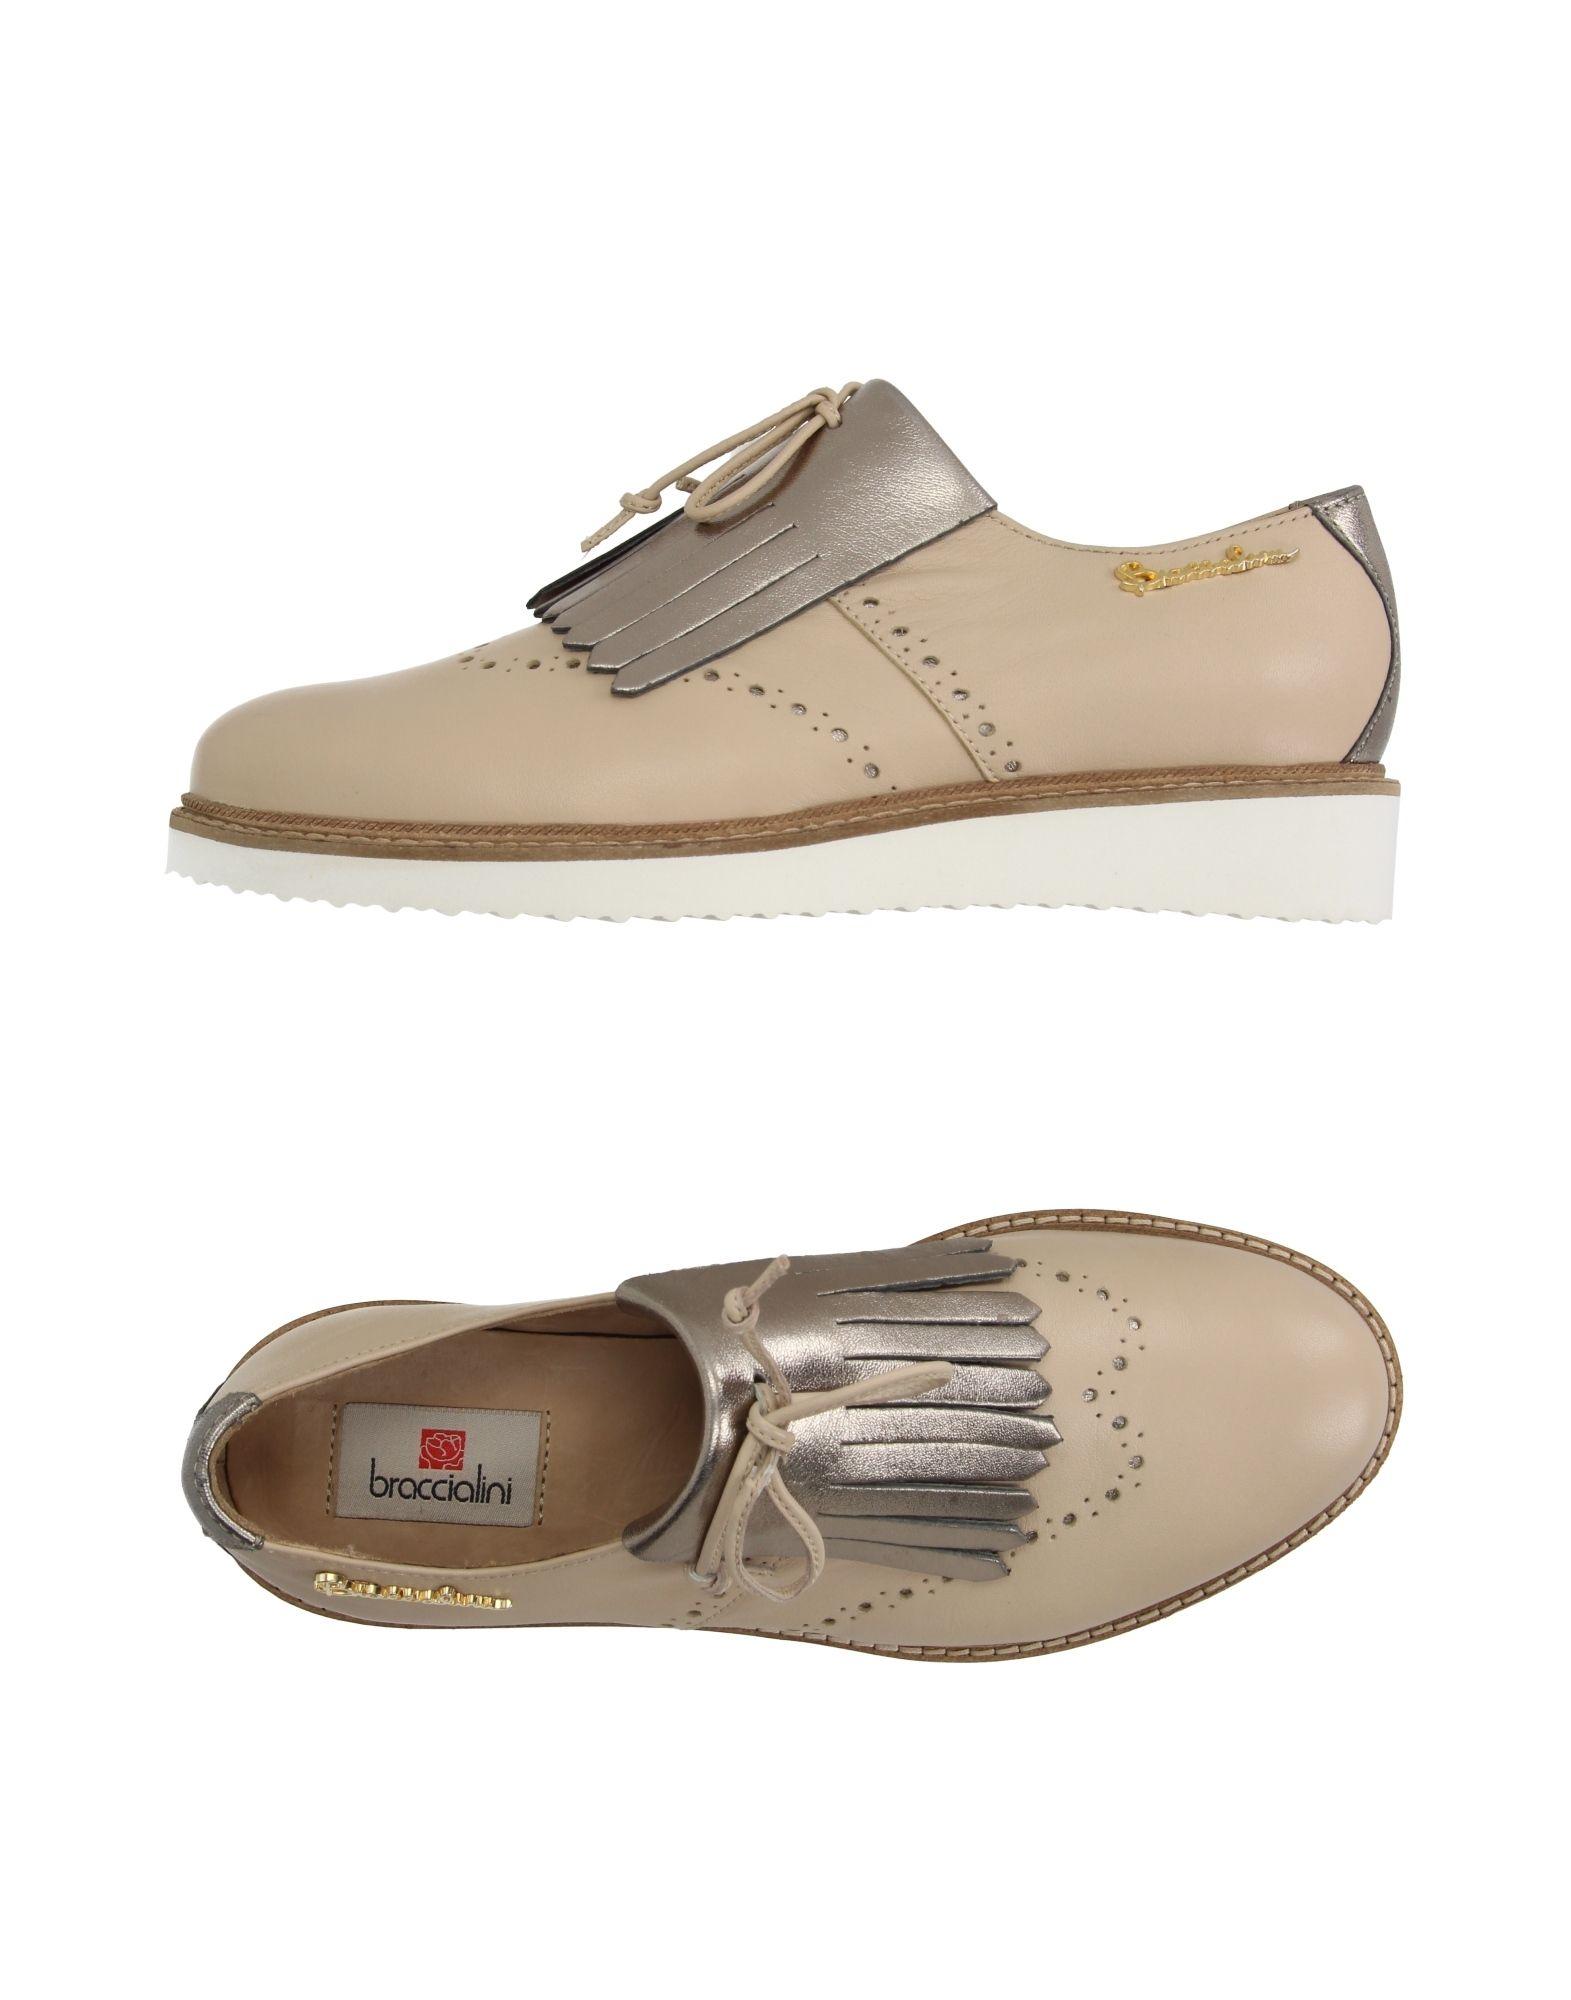 braccialini female braccialini loafers